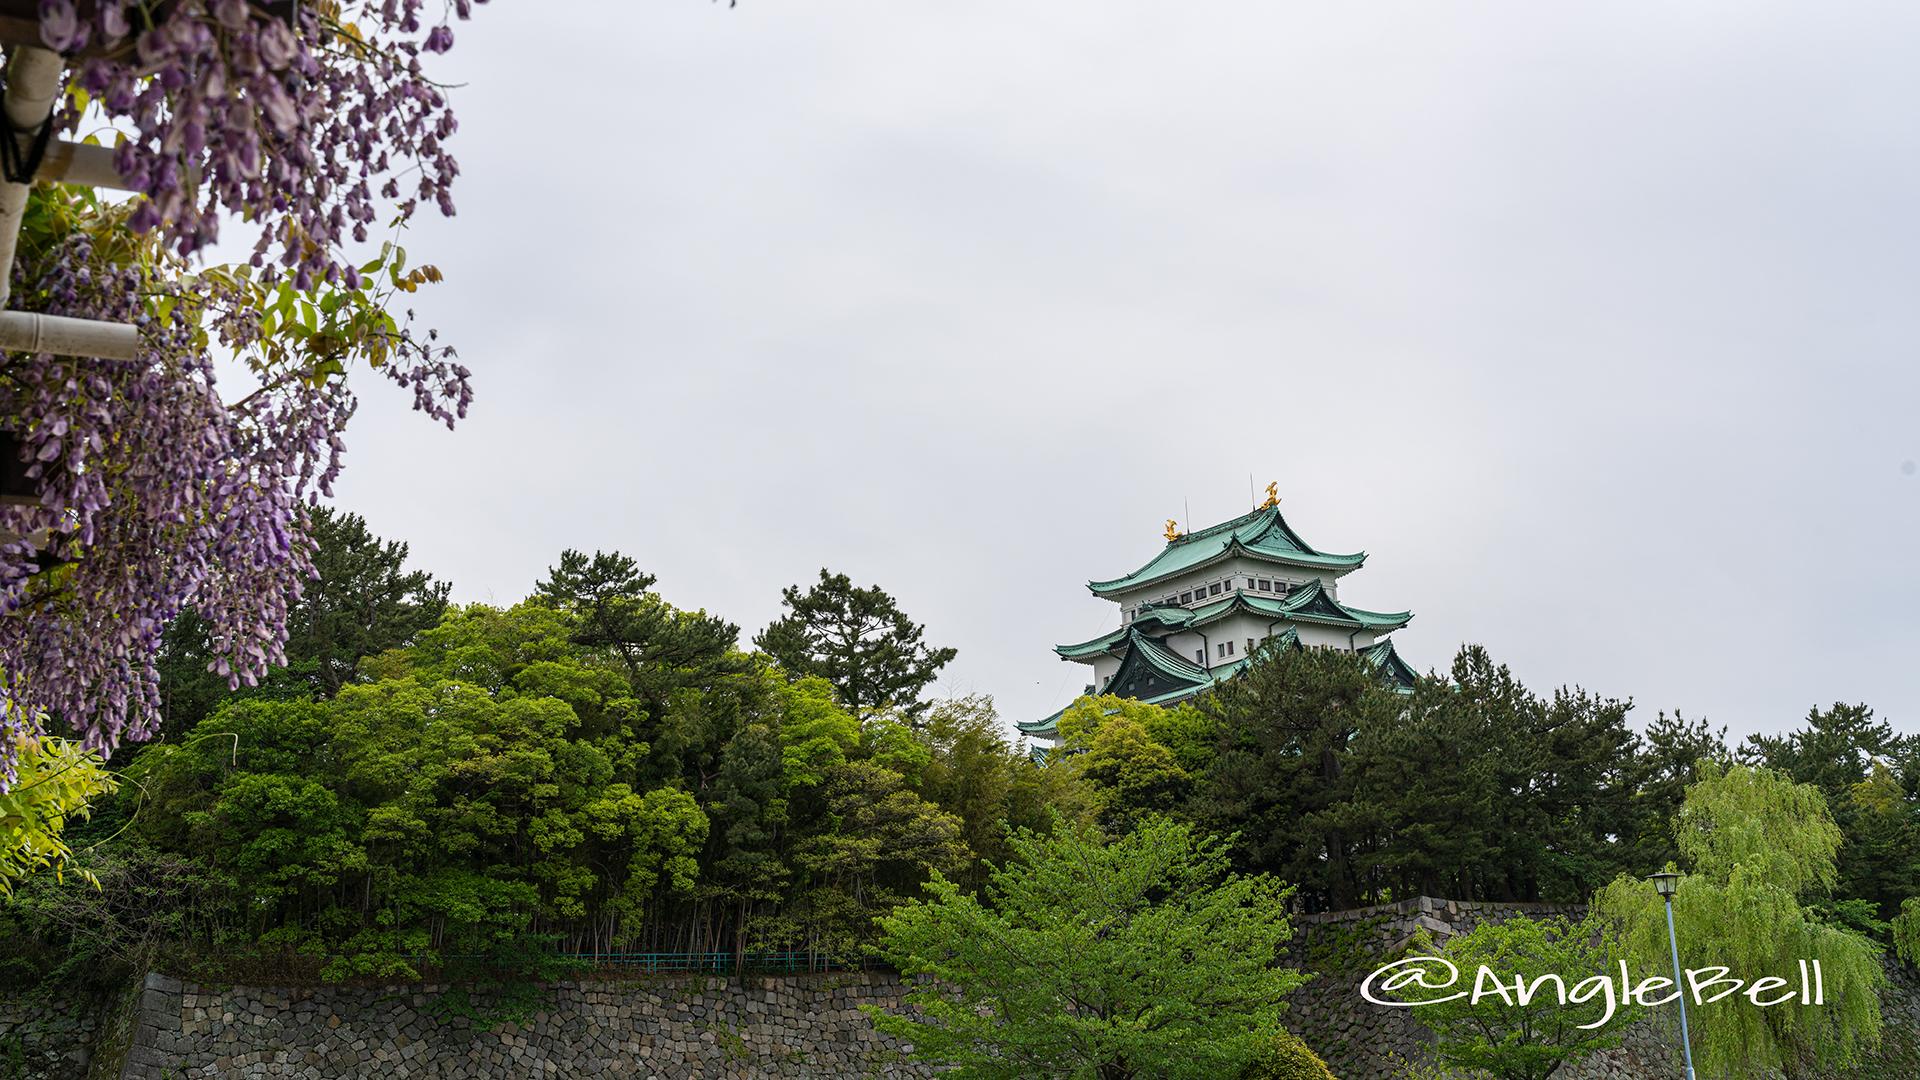 名城公園 藤の回廊広場からみる名古屋城